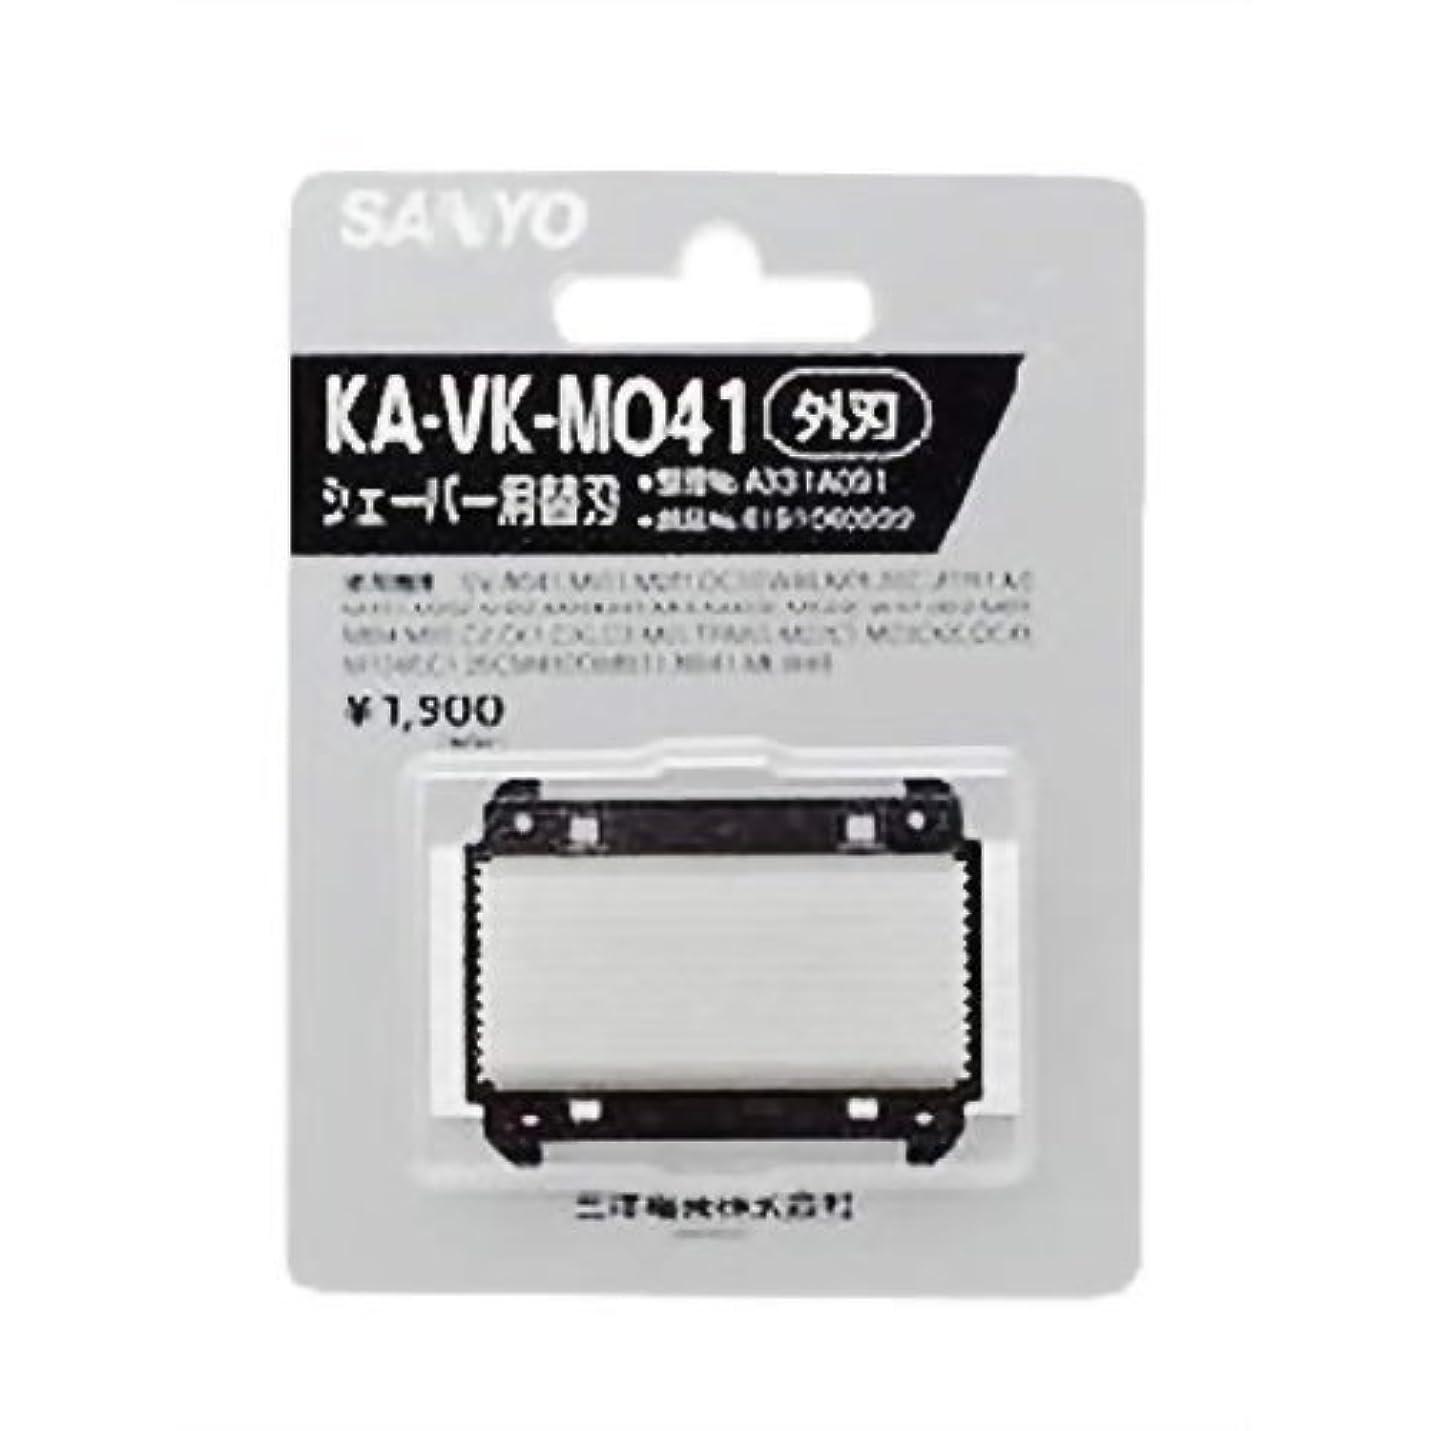 効能ある最も遠い送るSANYO シェーバー用替刃 外刃 KA-VK-M041